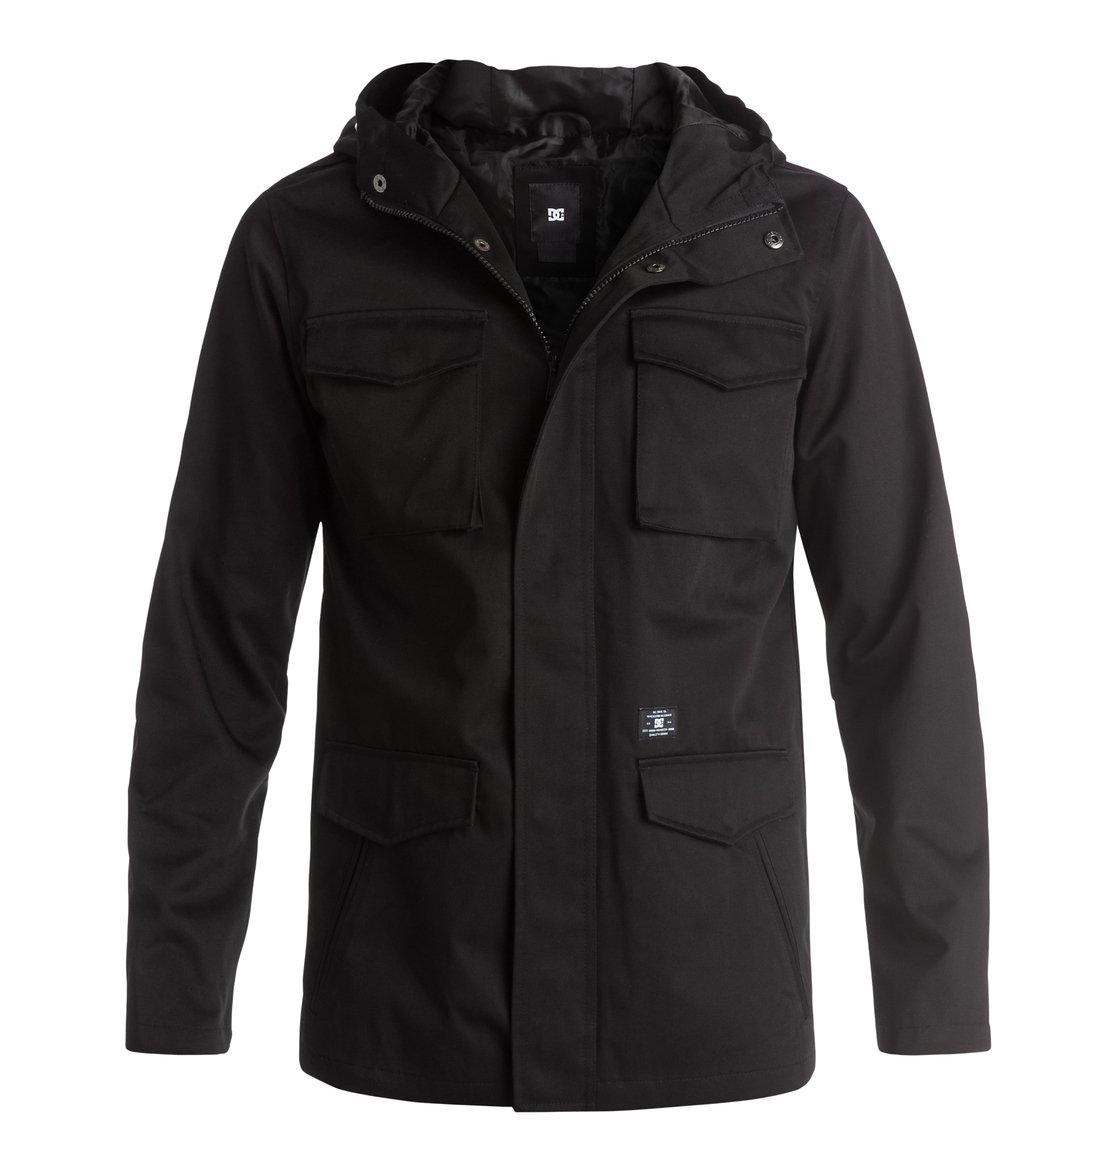 Мужская куртка Mastadon по мотивам M65